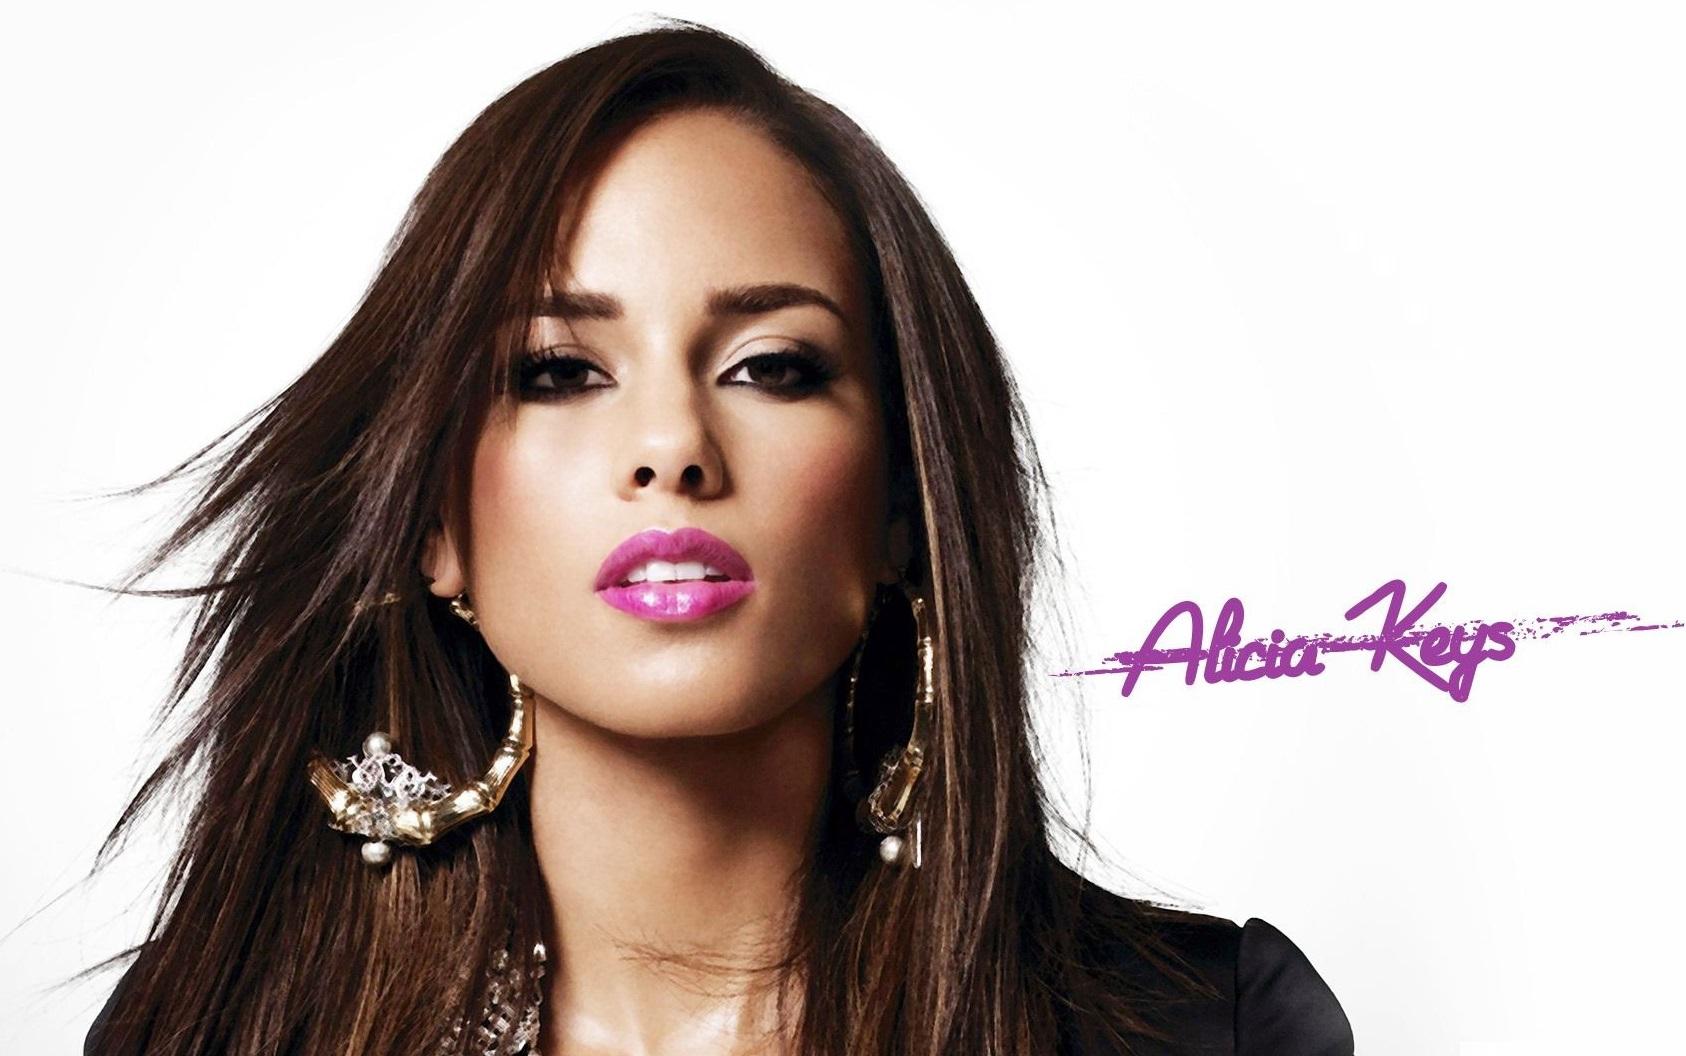 Aprende la segunda condicional con Alicia Keys. Pulsa 'reproducir' en el archivo de audio abajo.